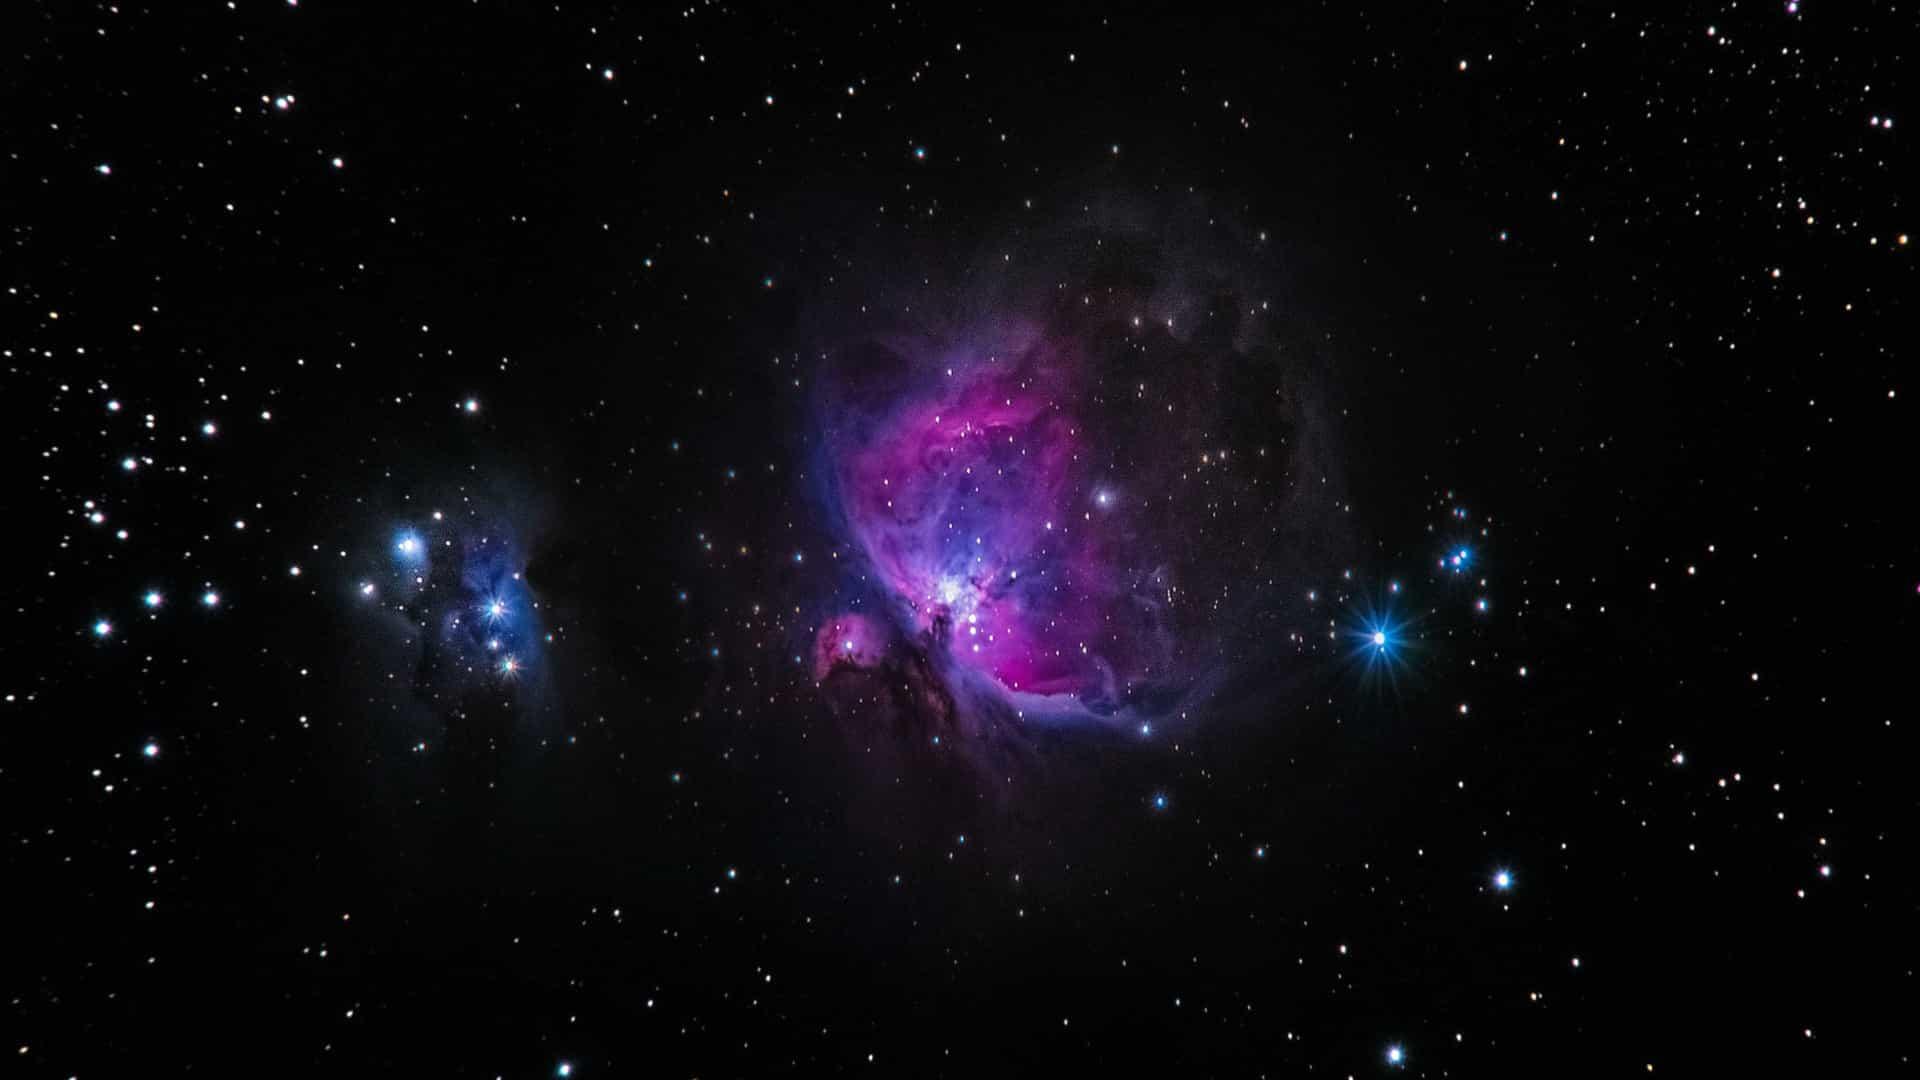 naom 5ad63ef3baf37 - Planeta do tamanho da Terra é descoberto vagando na Via Láctea